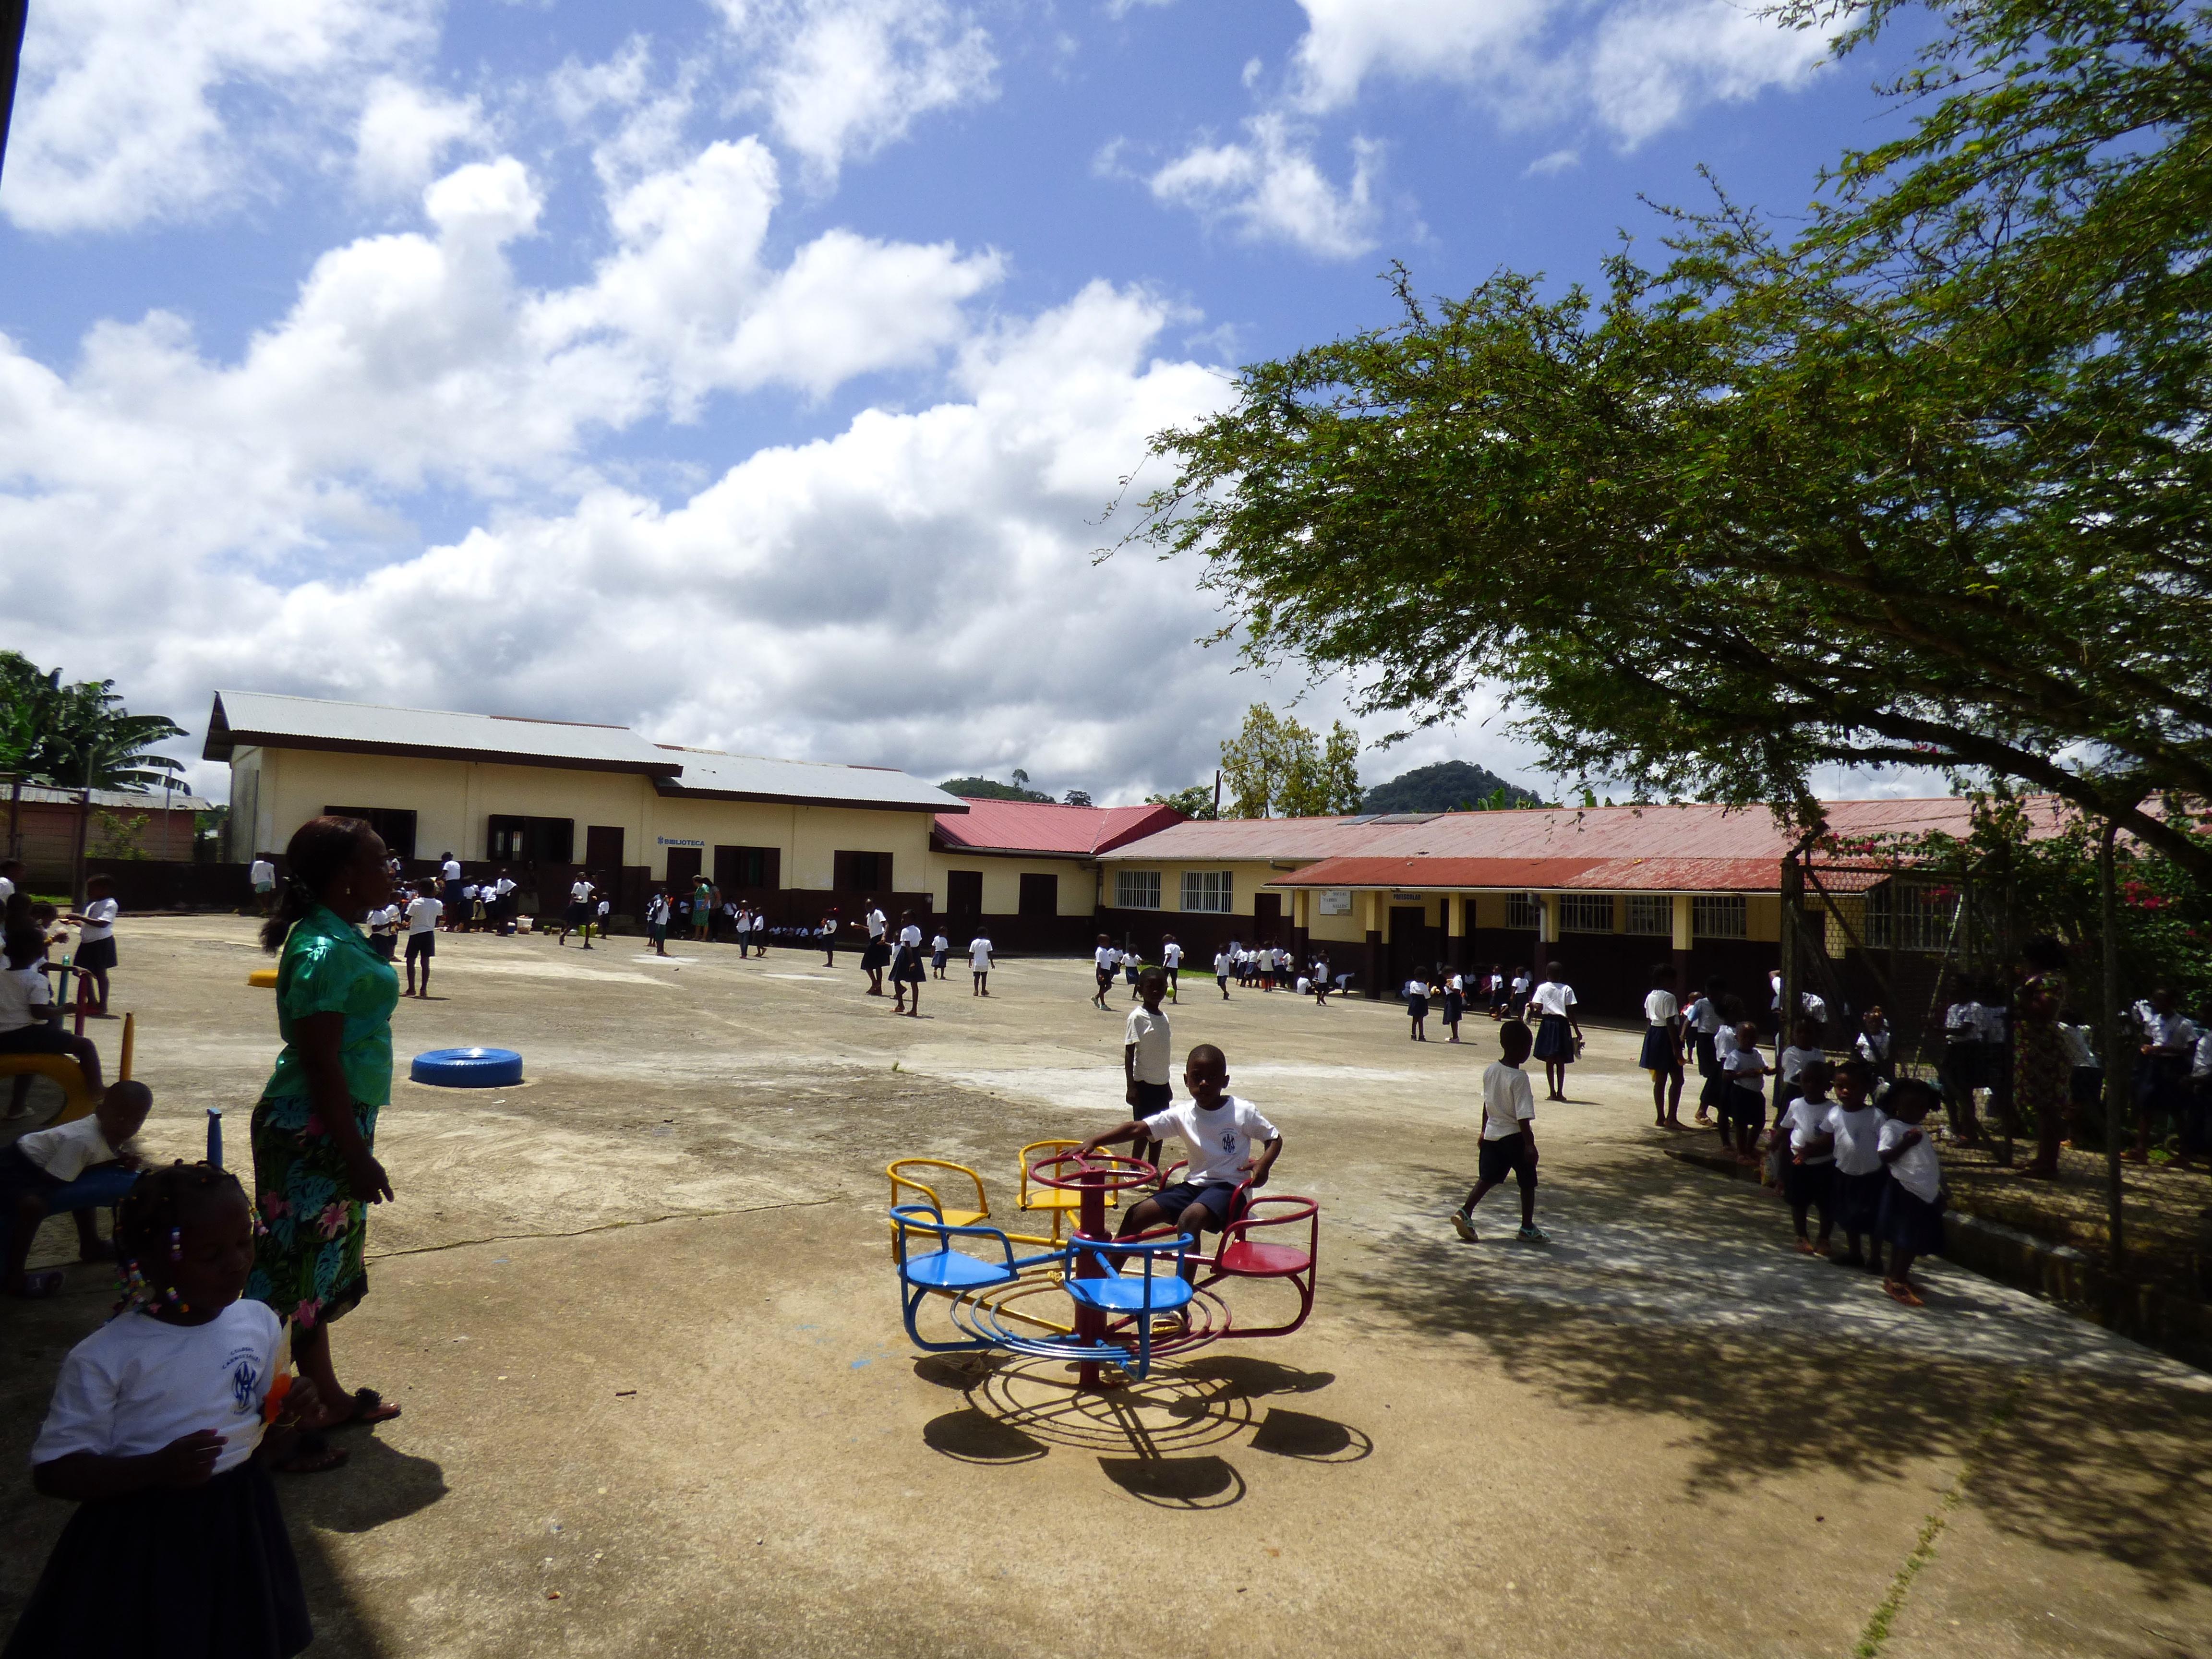 Patio de la escuela Carmen Sallés